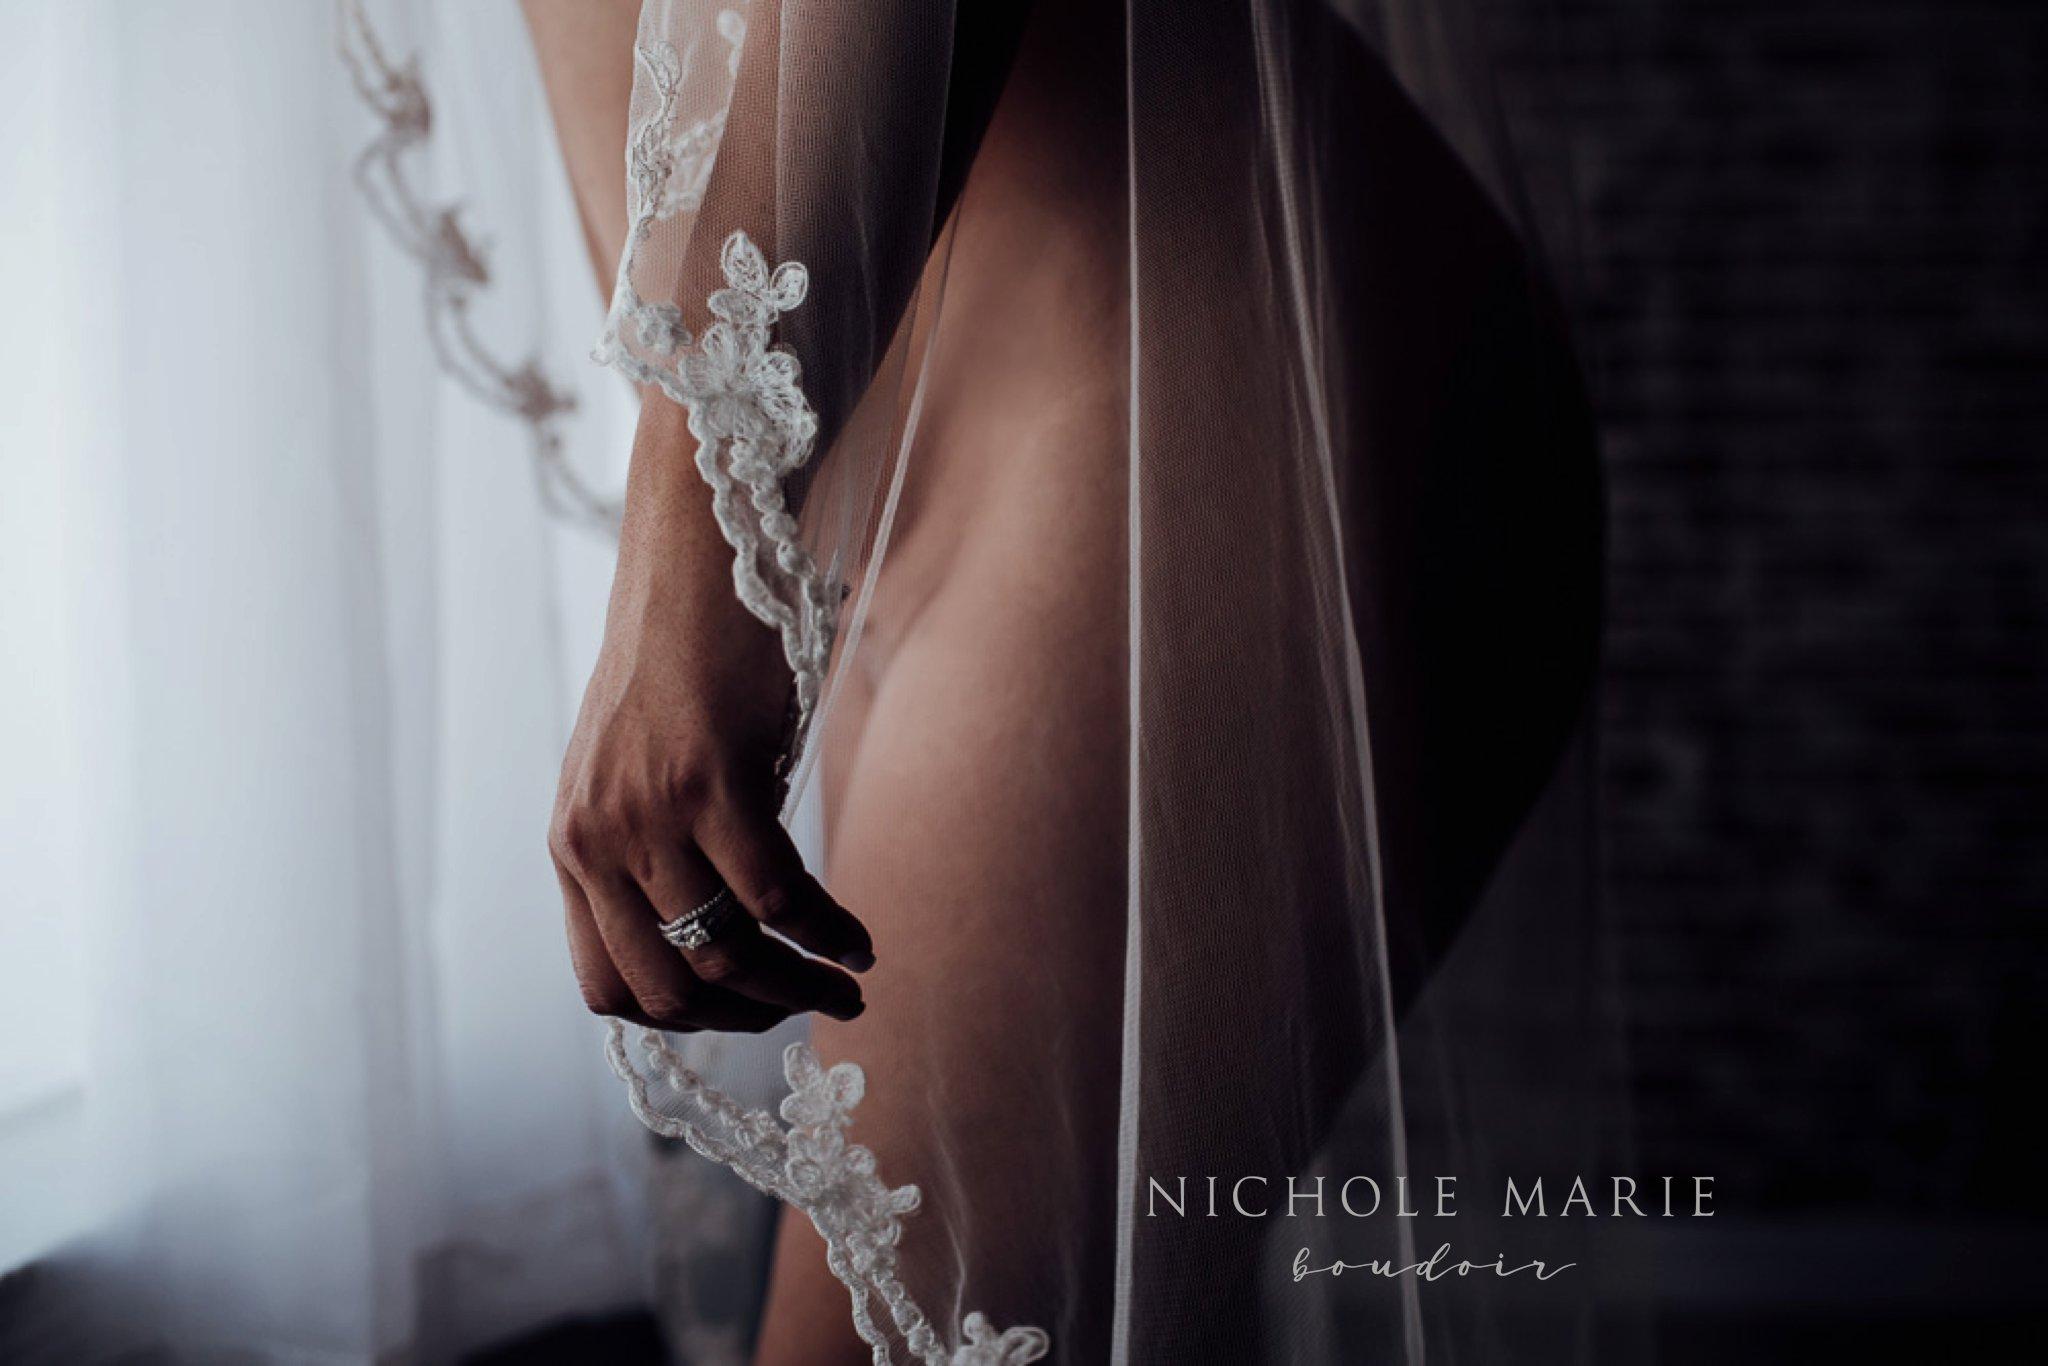 SEBASTIAN FLORIDA BOUDOIR PHOTOGRAPHER | NICHOLE MARIE BOUDOIR_0310.jpg